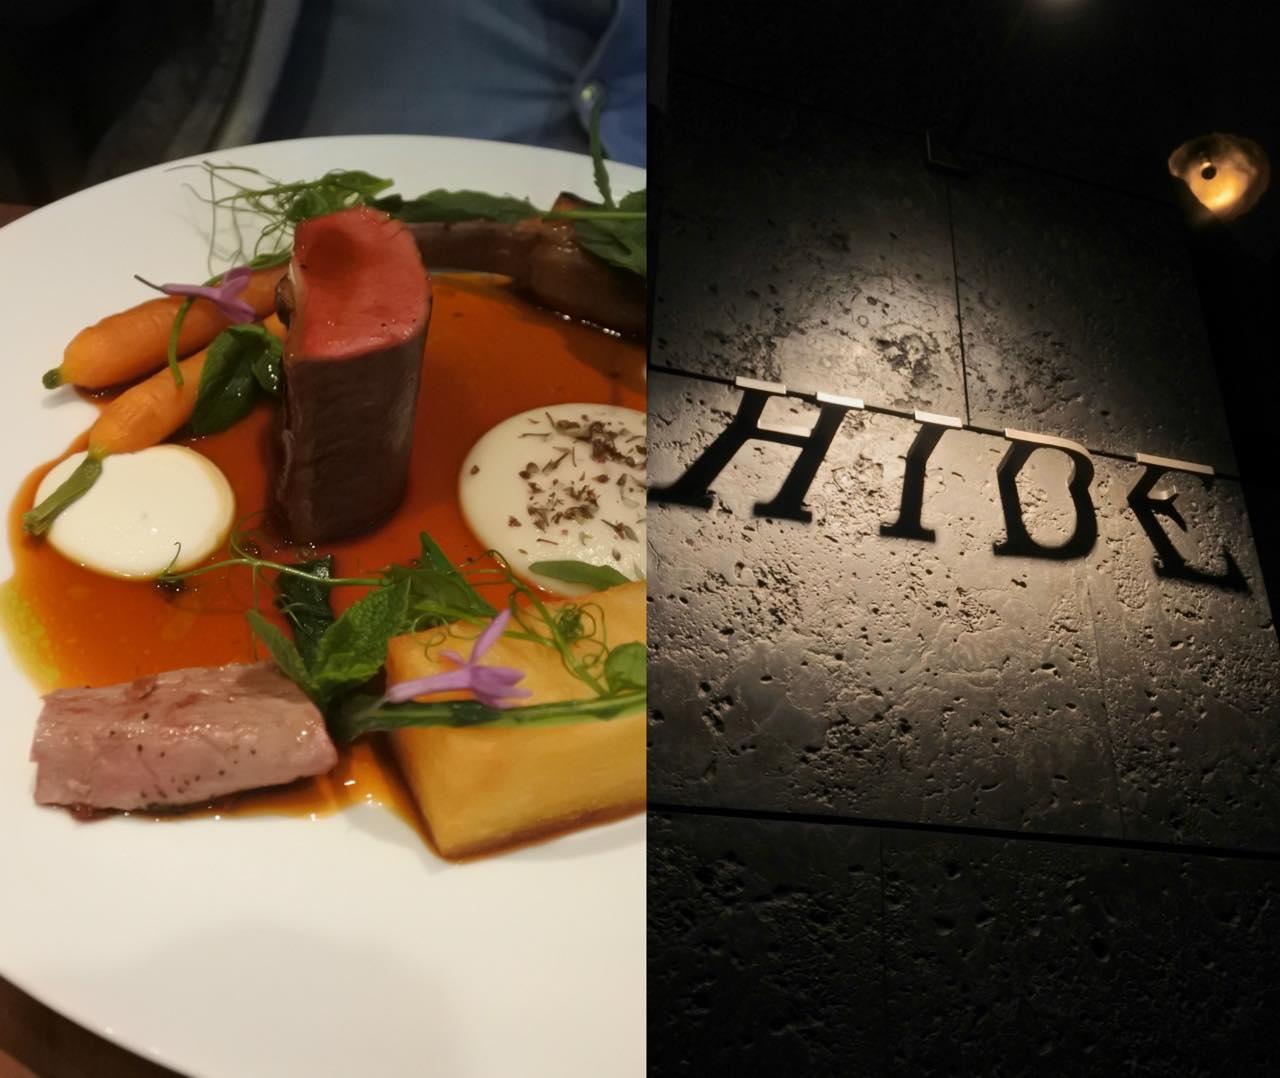 ラム肉のお料理。じっくり味わいたい感じ ^^  右は建物フロントに掲げてある看板!? 鉄の棒とライティングで「HIDE」と読ませているの。クレバーですよね。